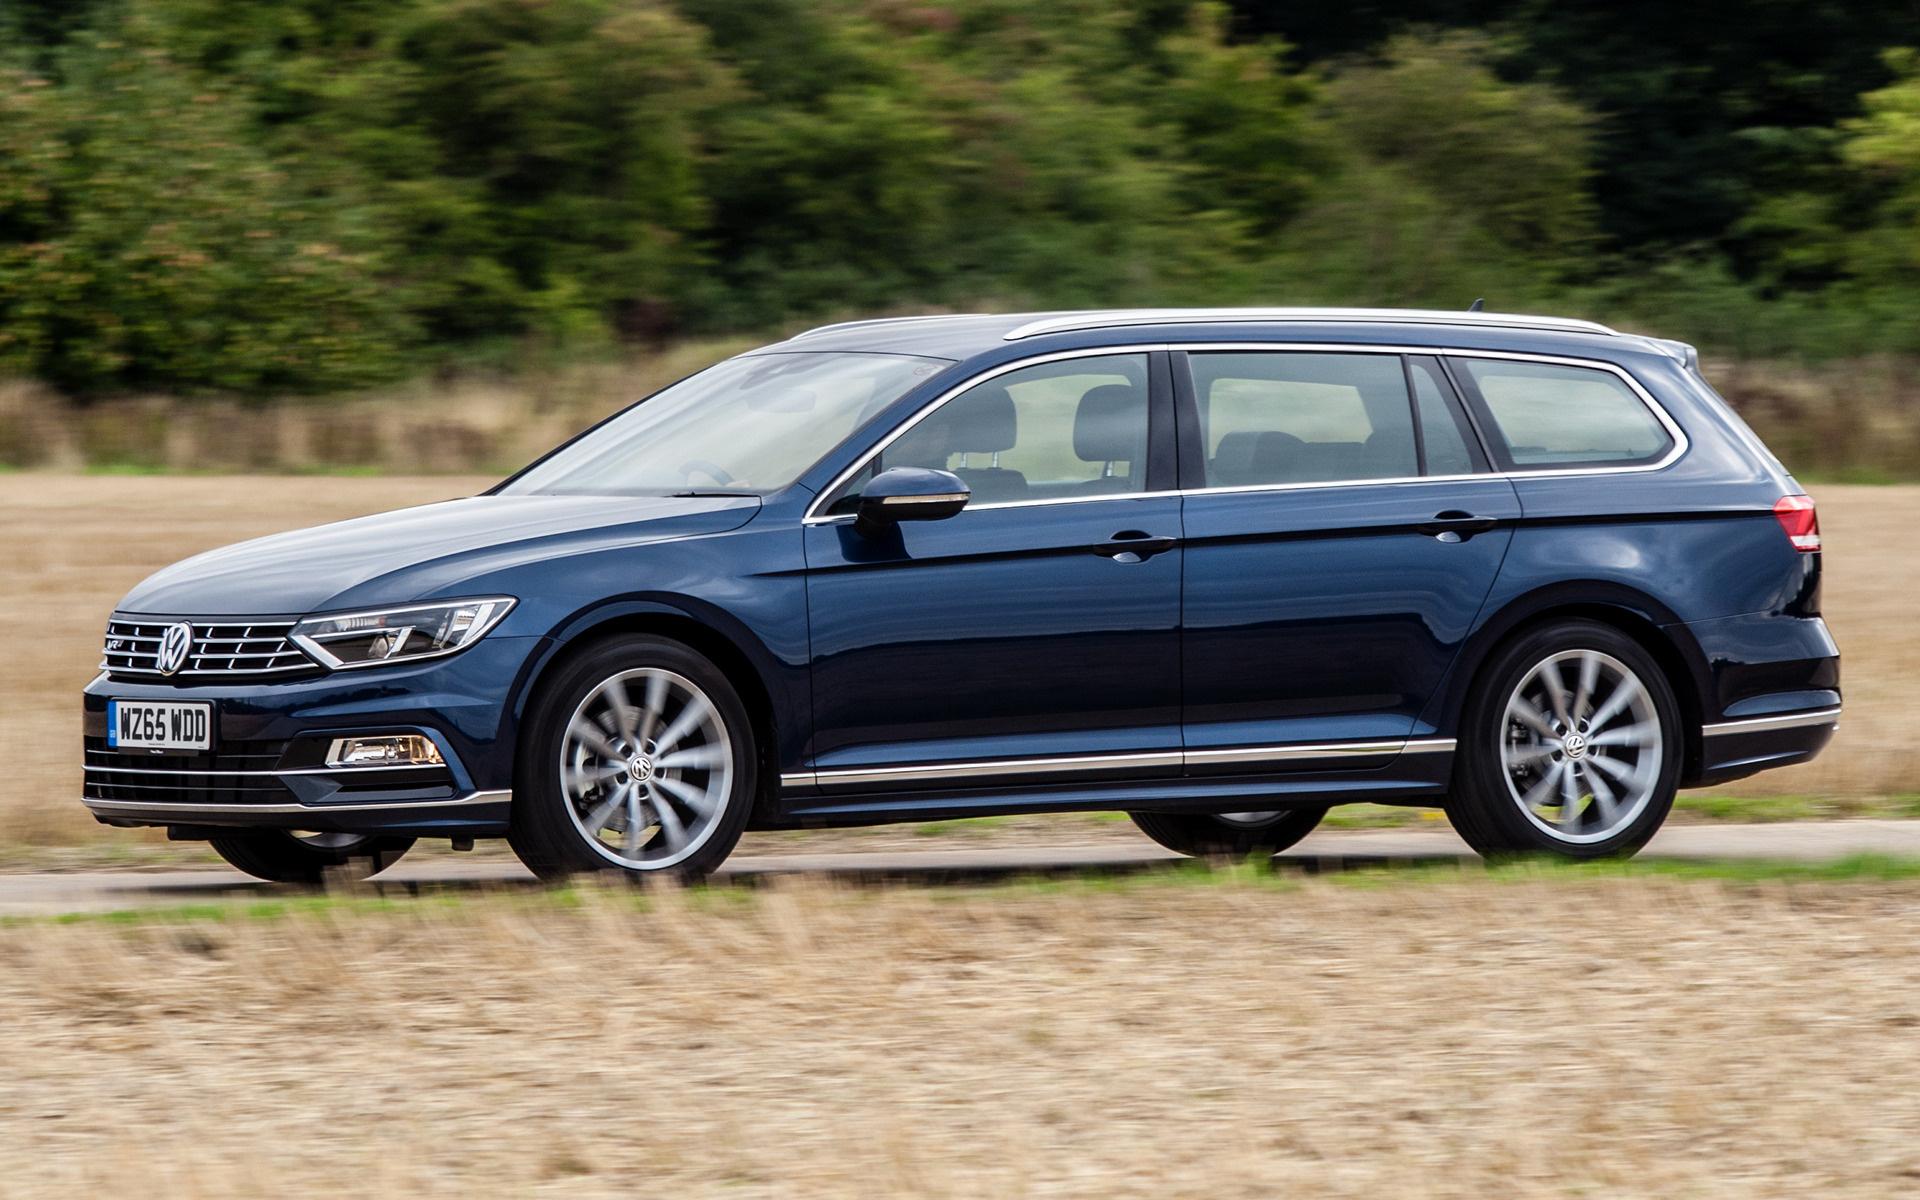 2015 Volkswagen Passat Estate R-Line (UK) - Wallpapers and HD Images | Car Pixel